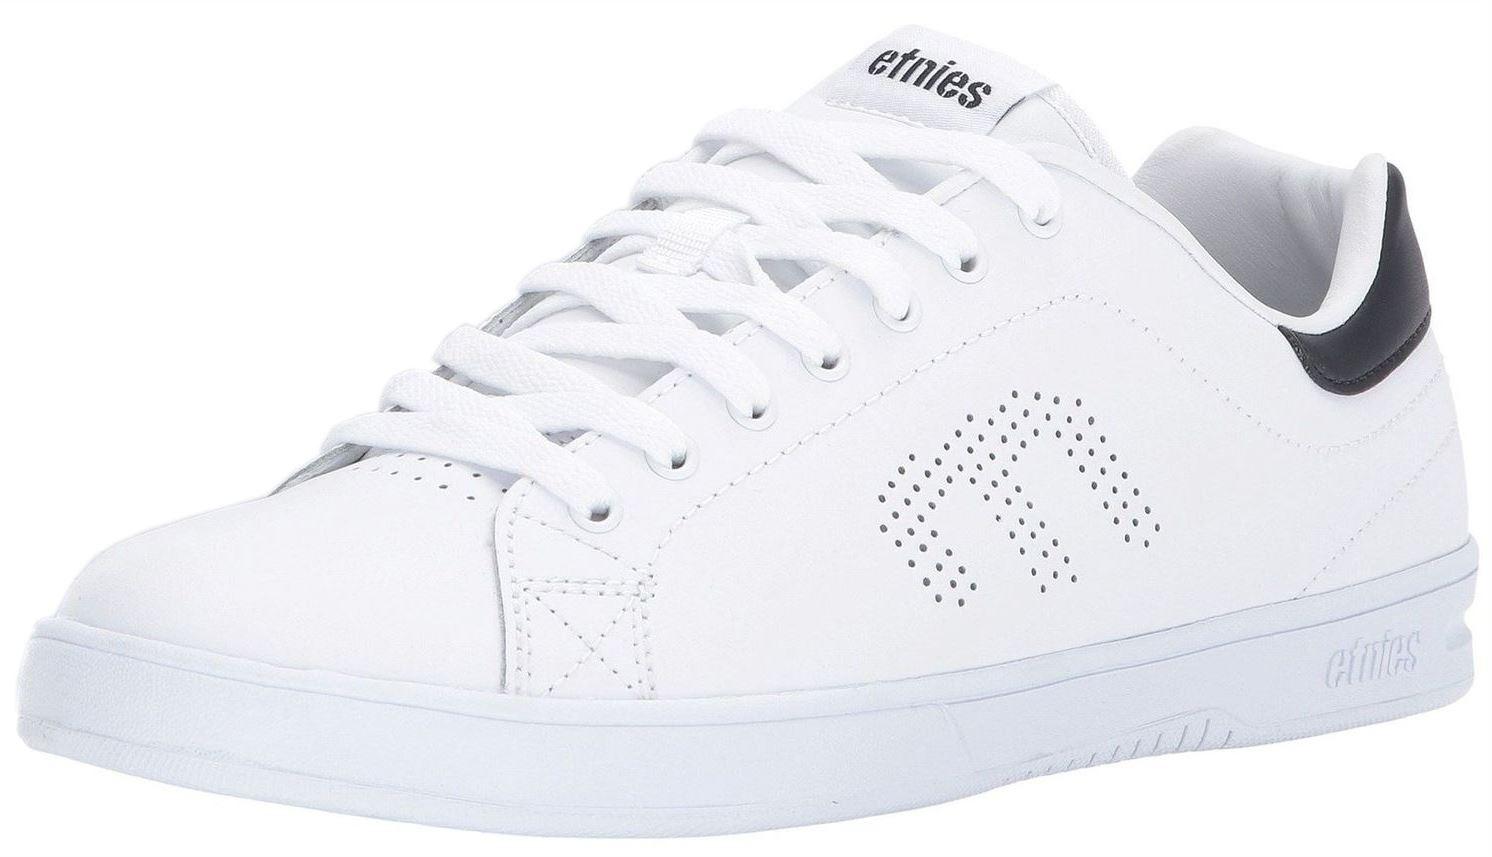 Etnies Callicut LS Weiß Marine Herrens Leder Skate Sneakers